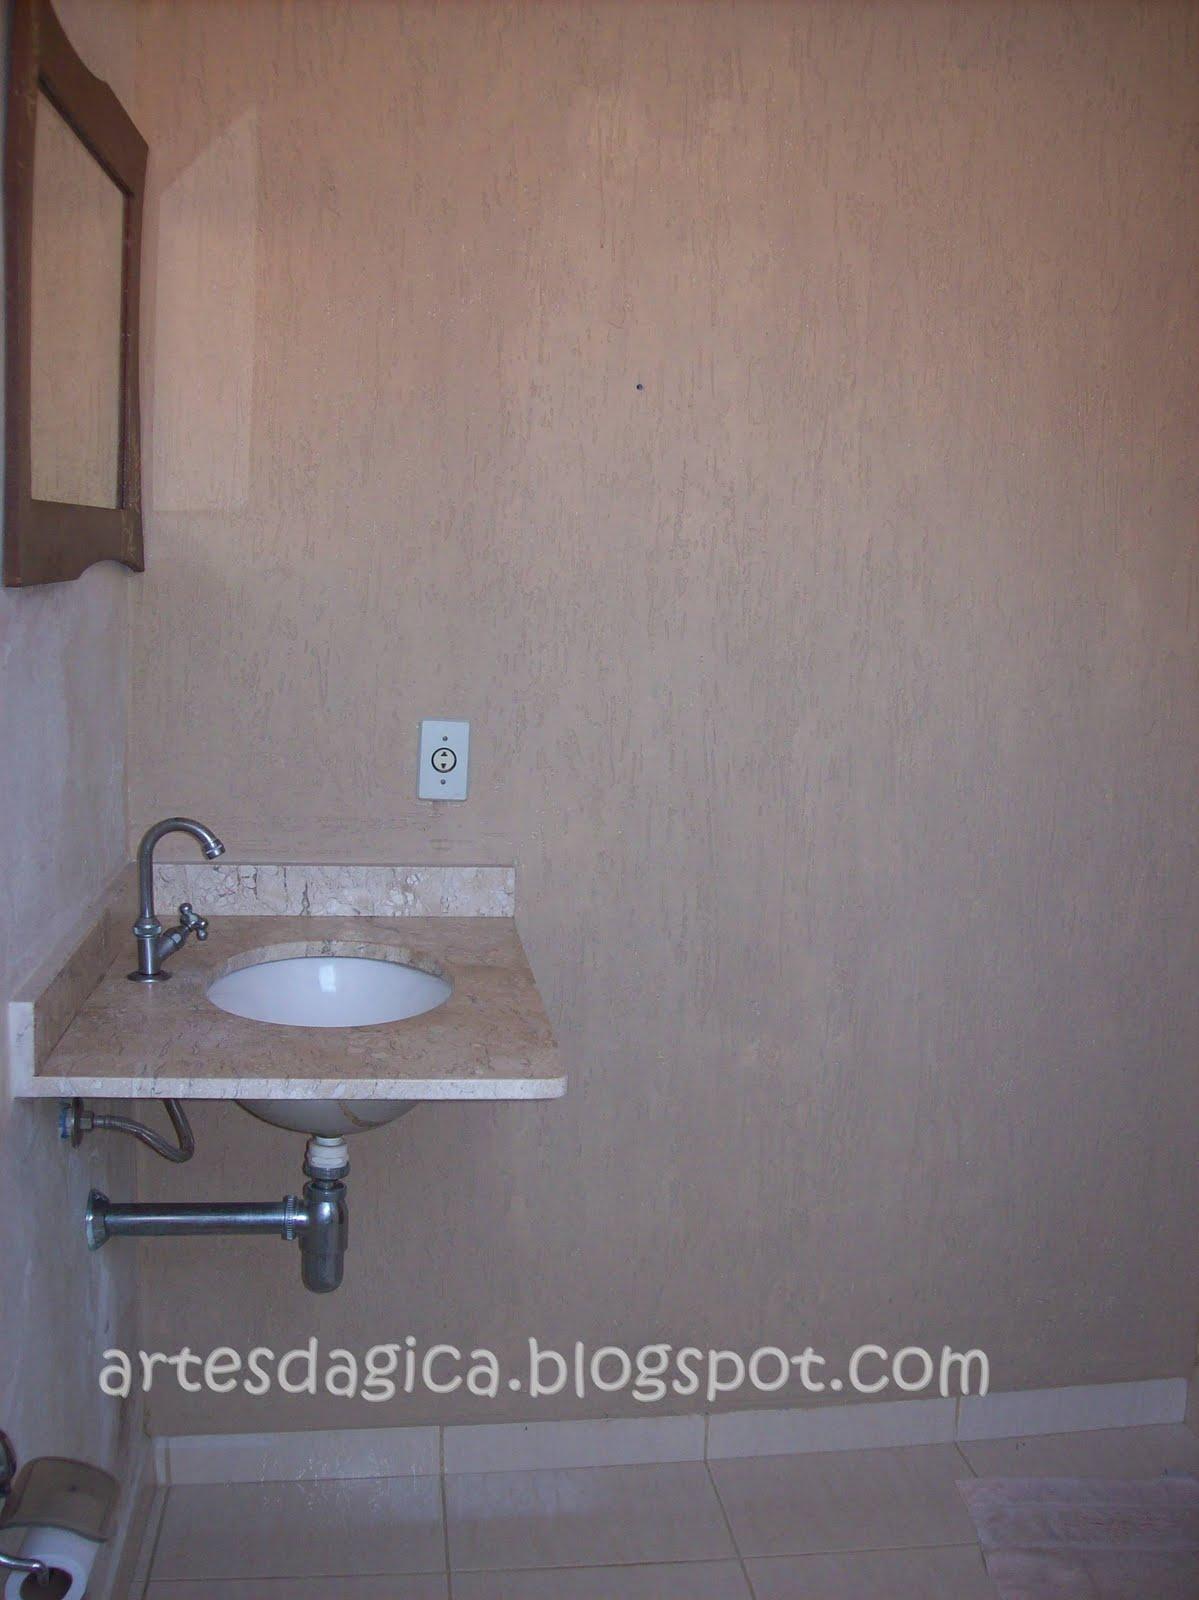 Essa parede aqui já tem um grafiato por isso está mais bonitinha  #485C83 1199 1600